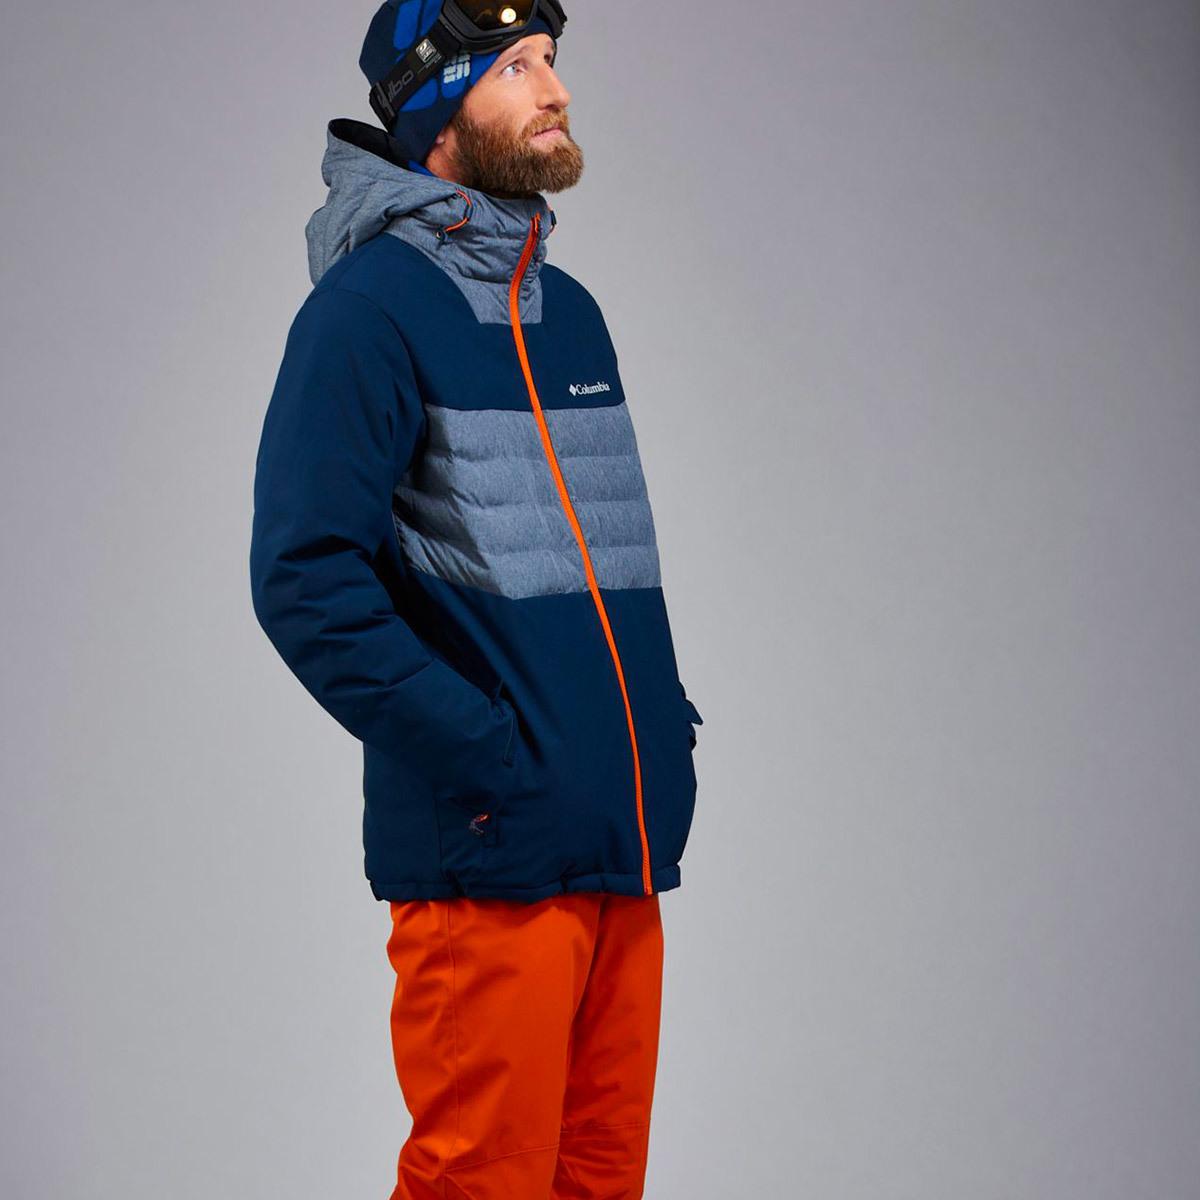 Ou Columbia Veste Horizon Pantalon Qsport De Ski White Salcantay pq0dPwx